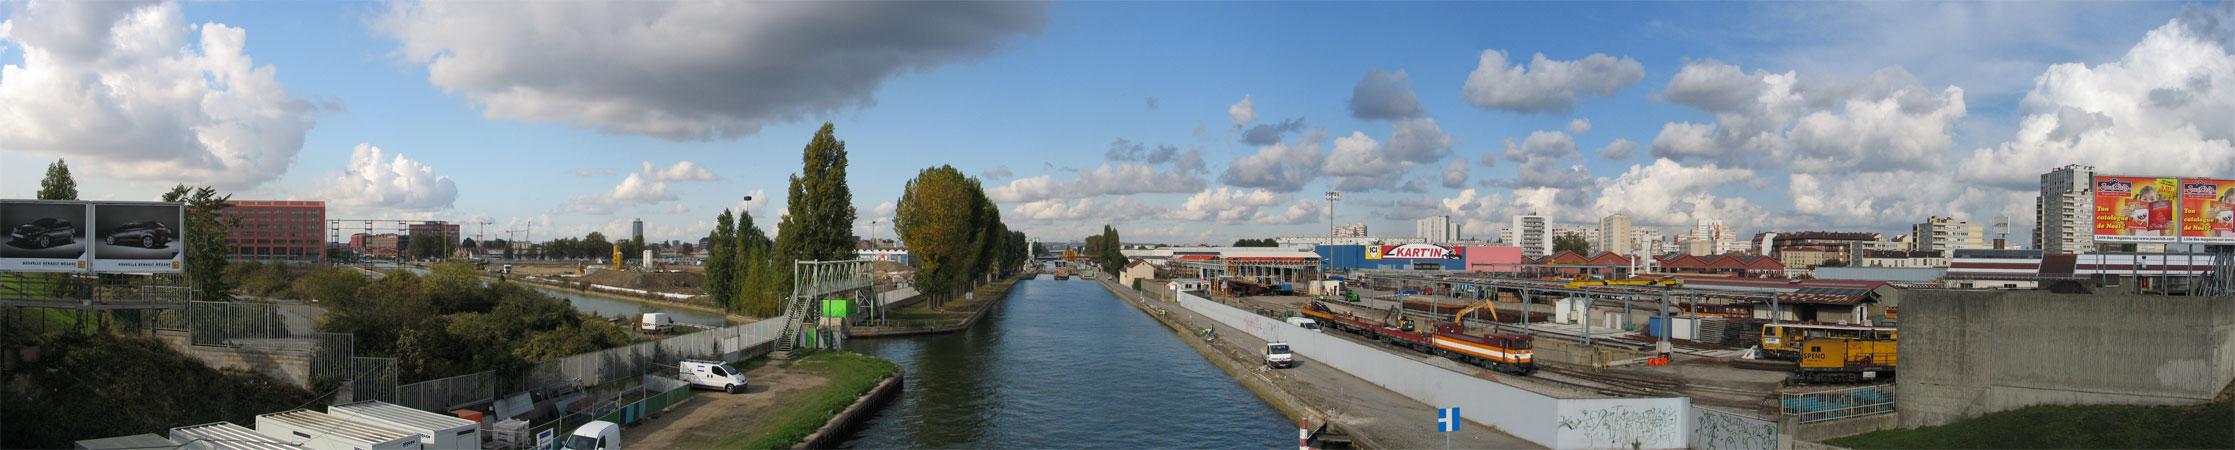 Quartier canal porte d aubervilliers a d marre enfin - Porte d aubervilliers plan ...